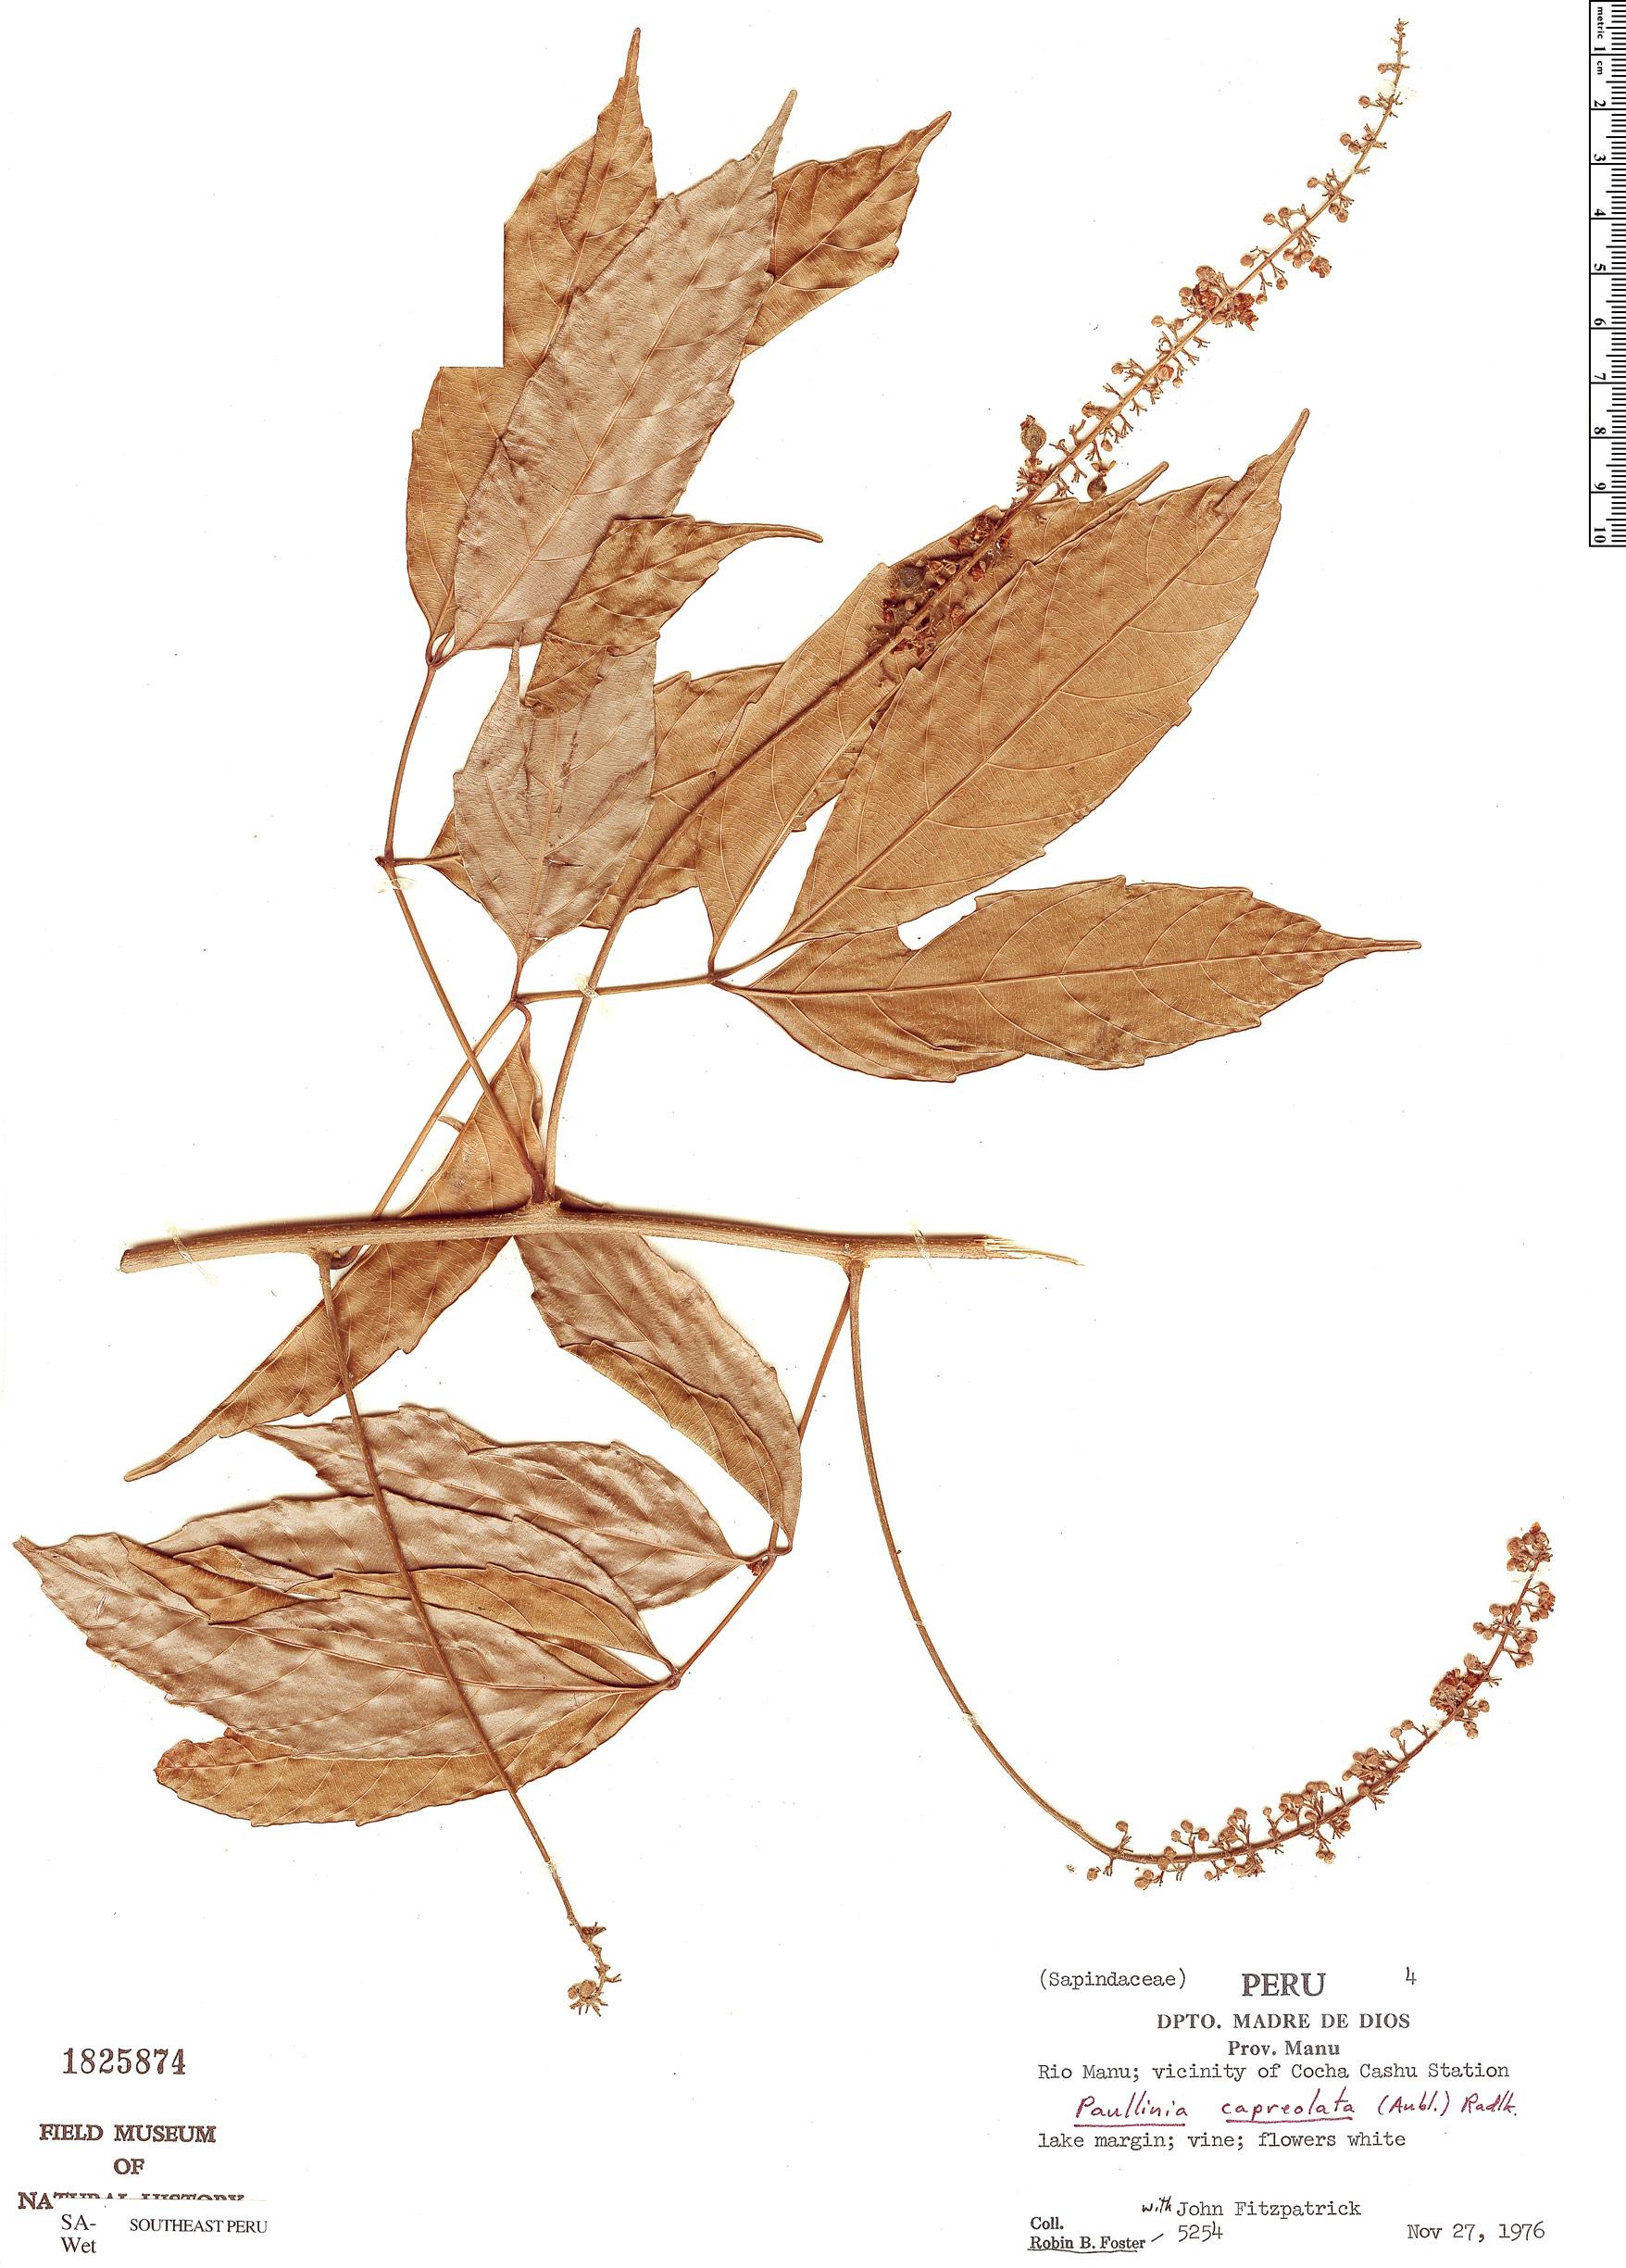 Specimen: Paullinia capreolata